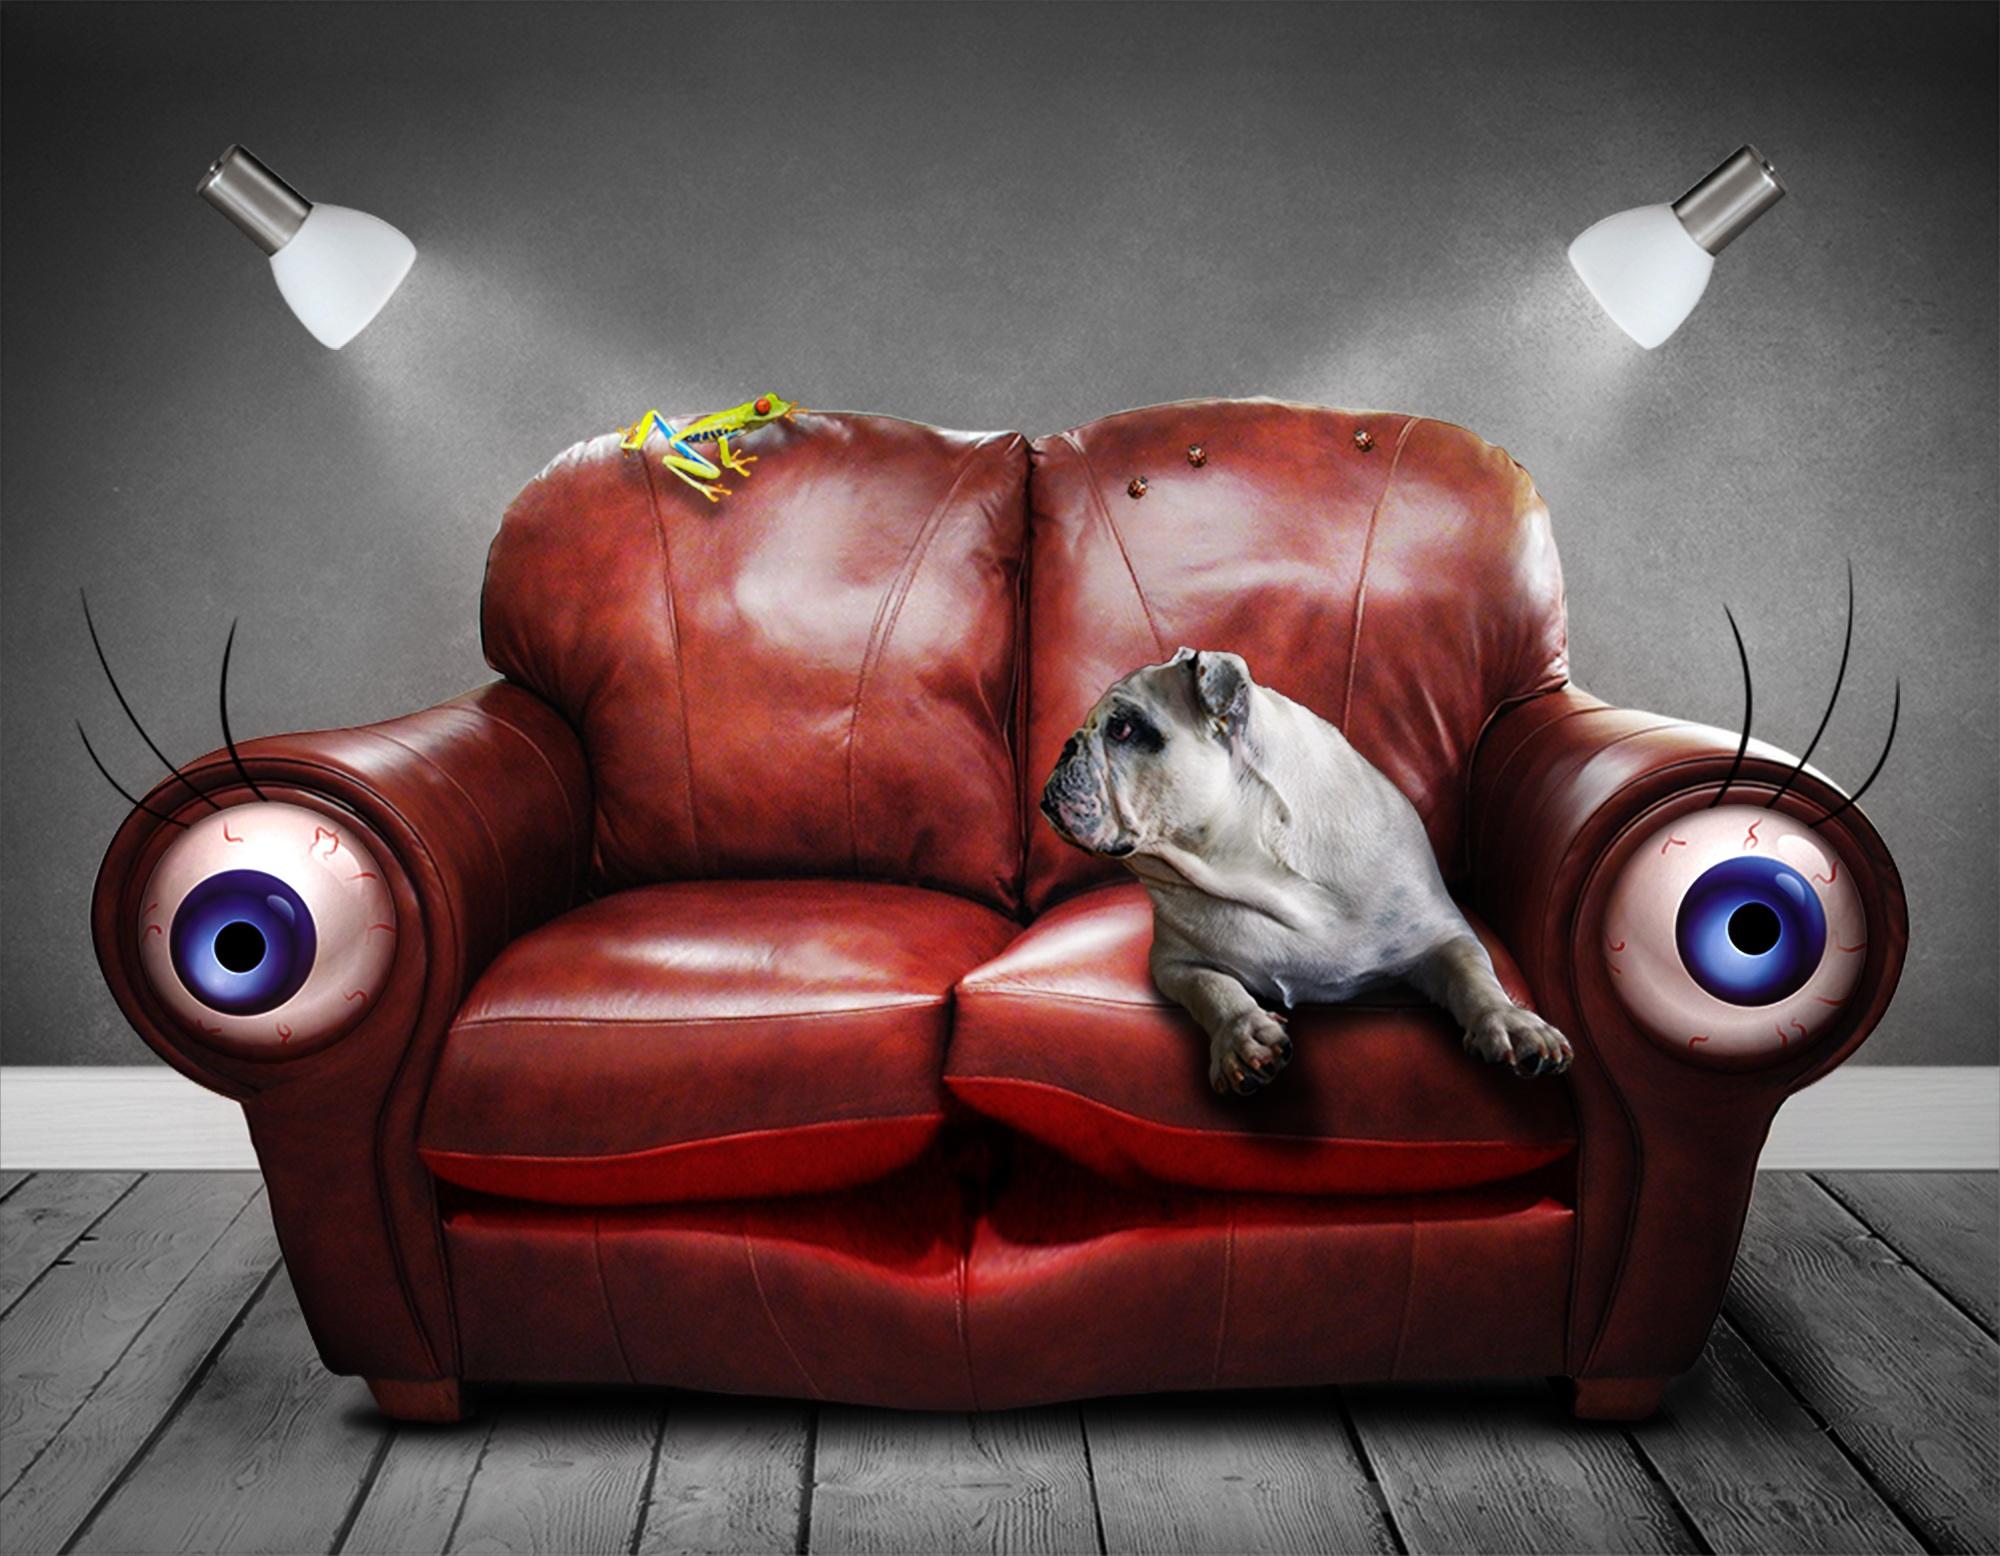 ソファ, 目, 犬, シュールです, ファンタジー - HD の壁紙 - 教授-falken.com